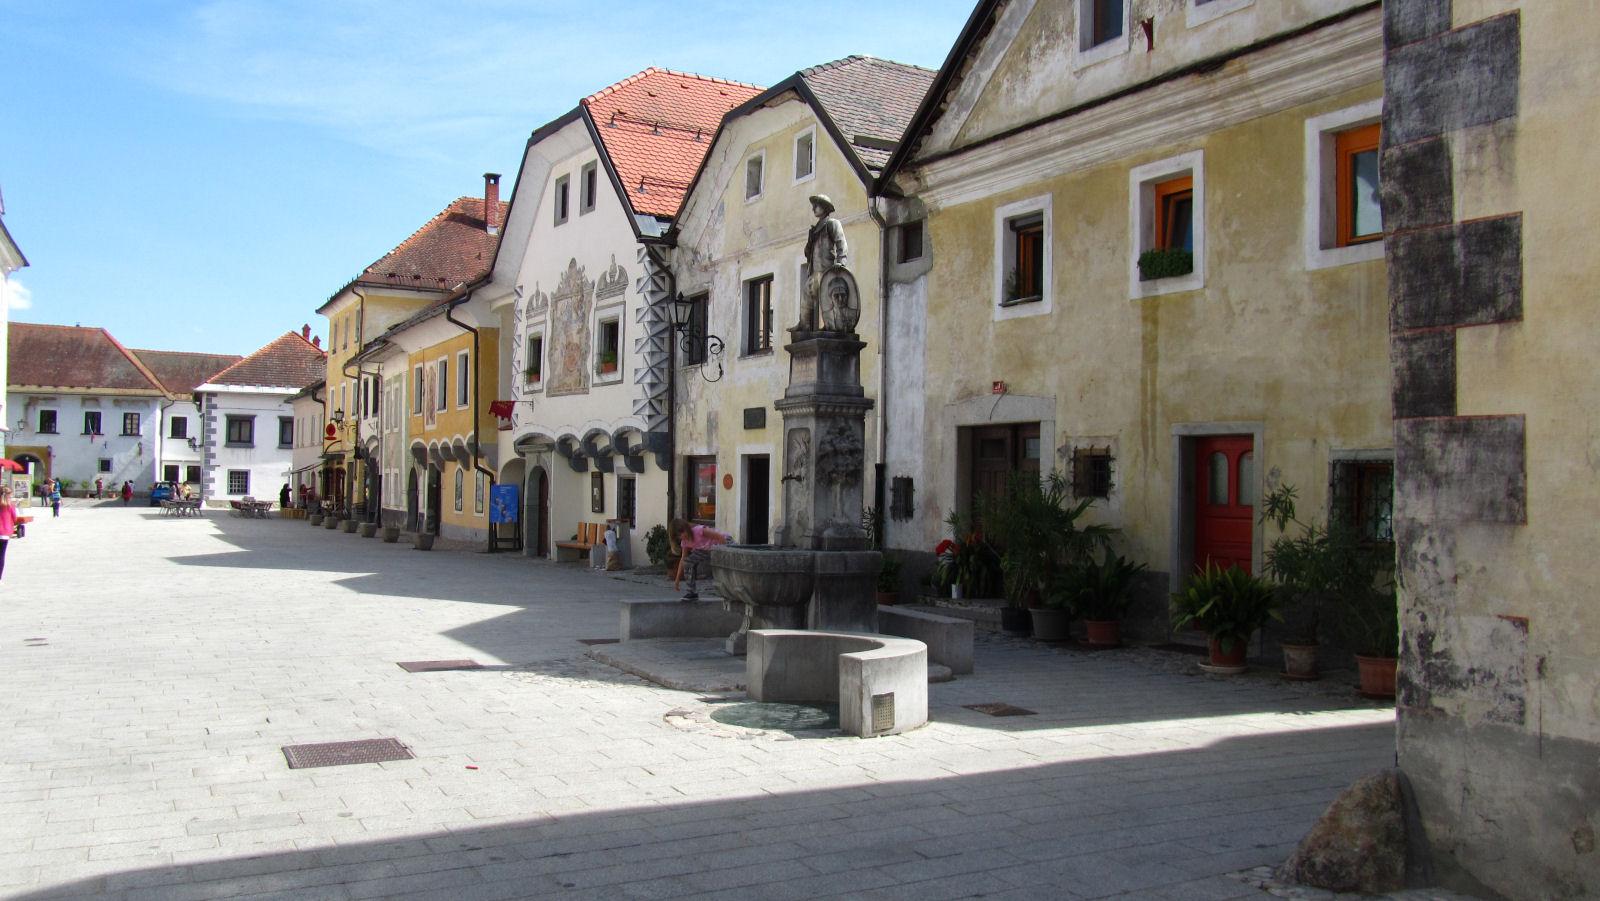 radovljica-medieval-old-town-8408